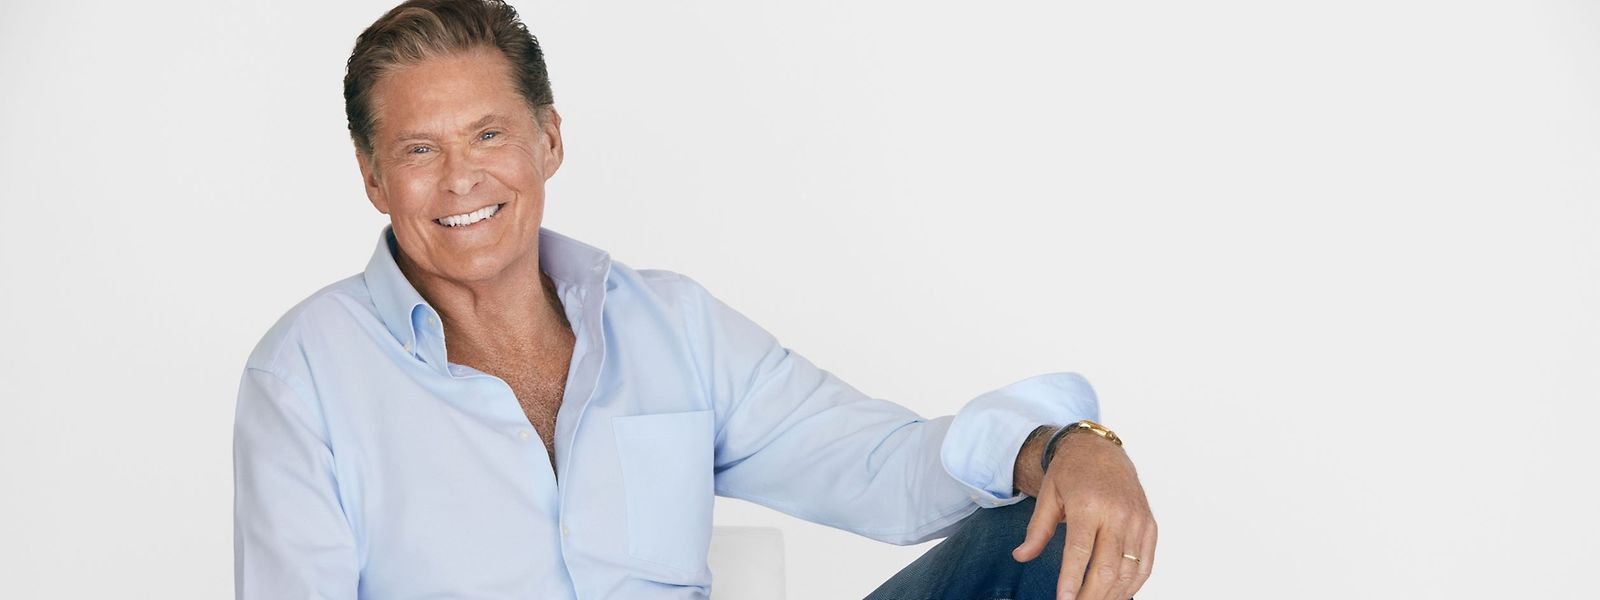 """""""The Hoff"""", wie David Hasselhoff von seinen Fans genannt wird, ist vor allem im deutschsprachigen Raum äußerst populär – darum ist er auch gerne in Europa unterwegs."""